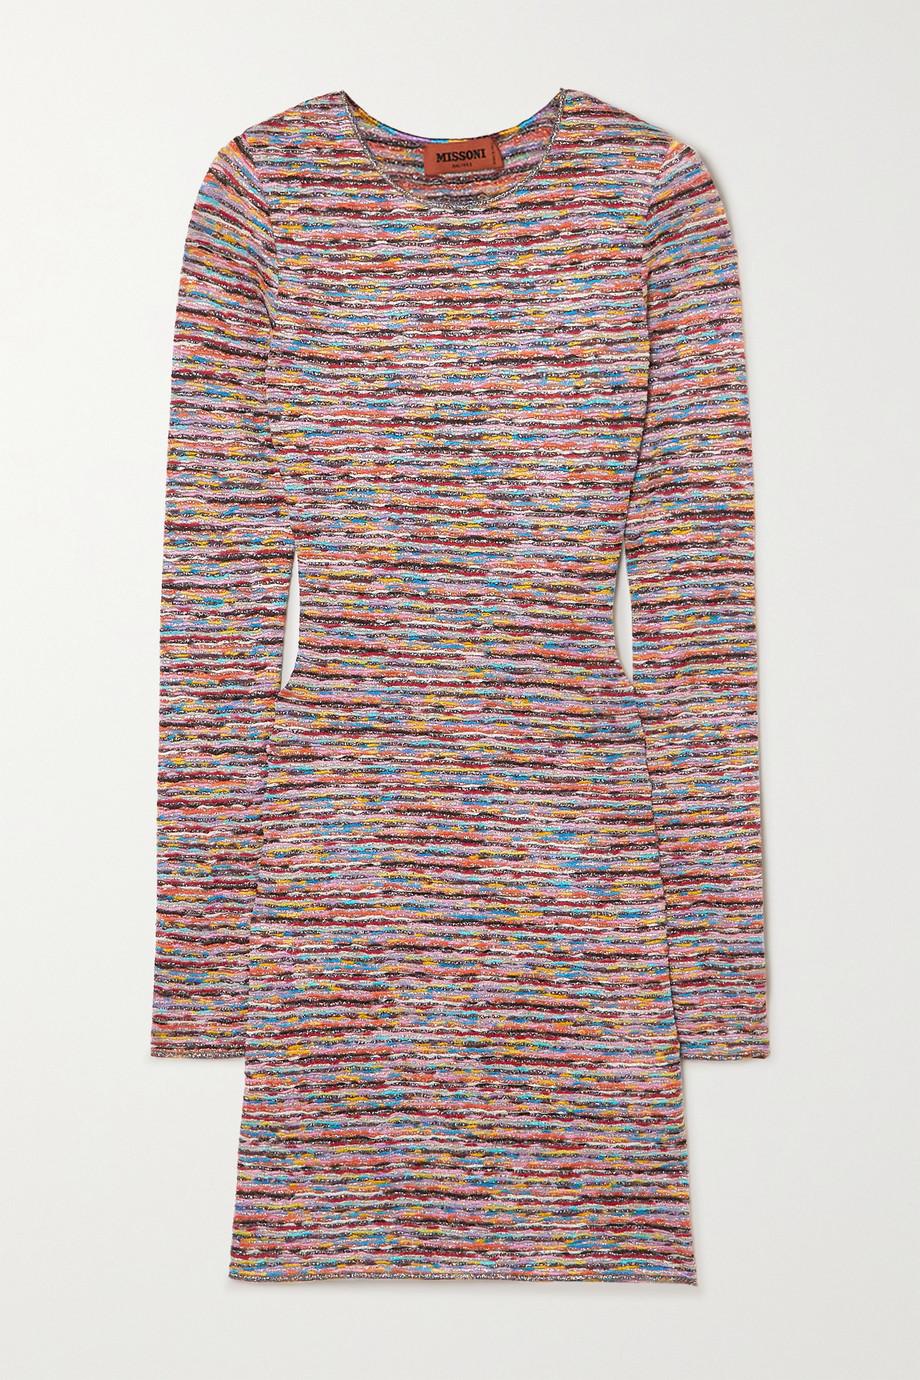 Missoni Mini-robe en mailles crochetées Mare